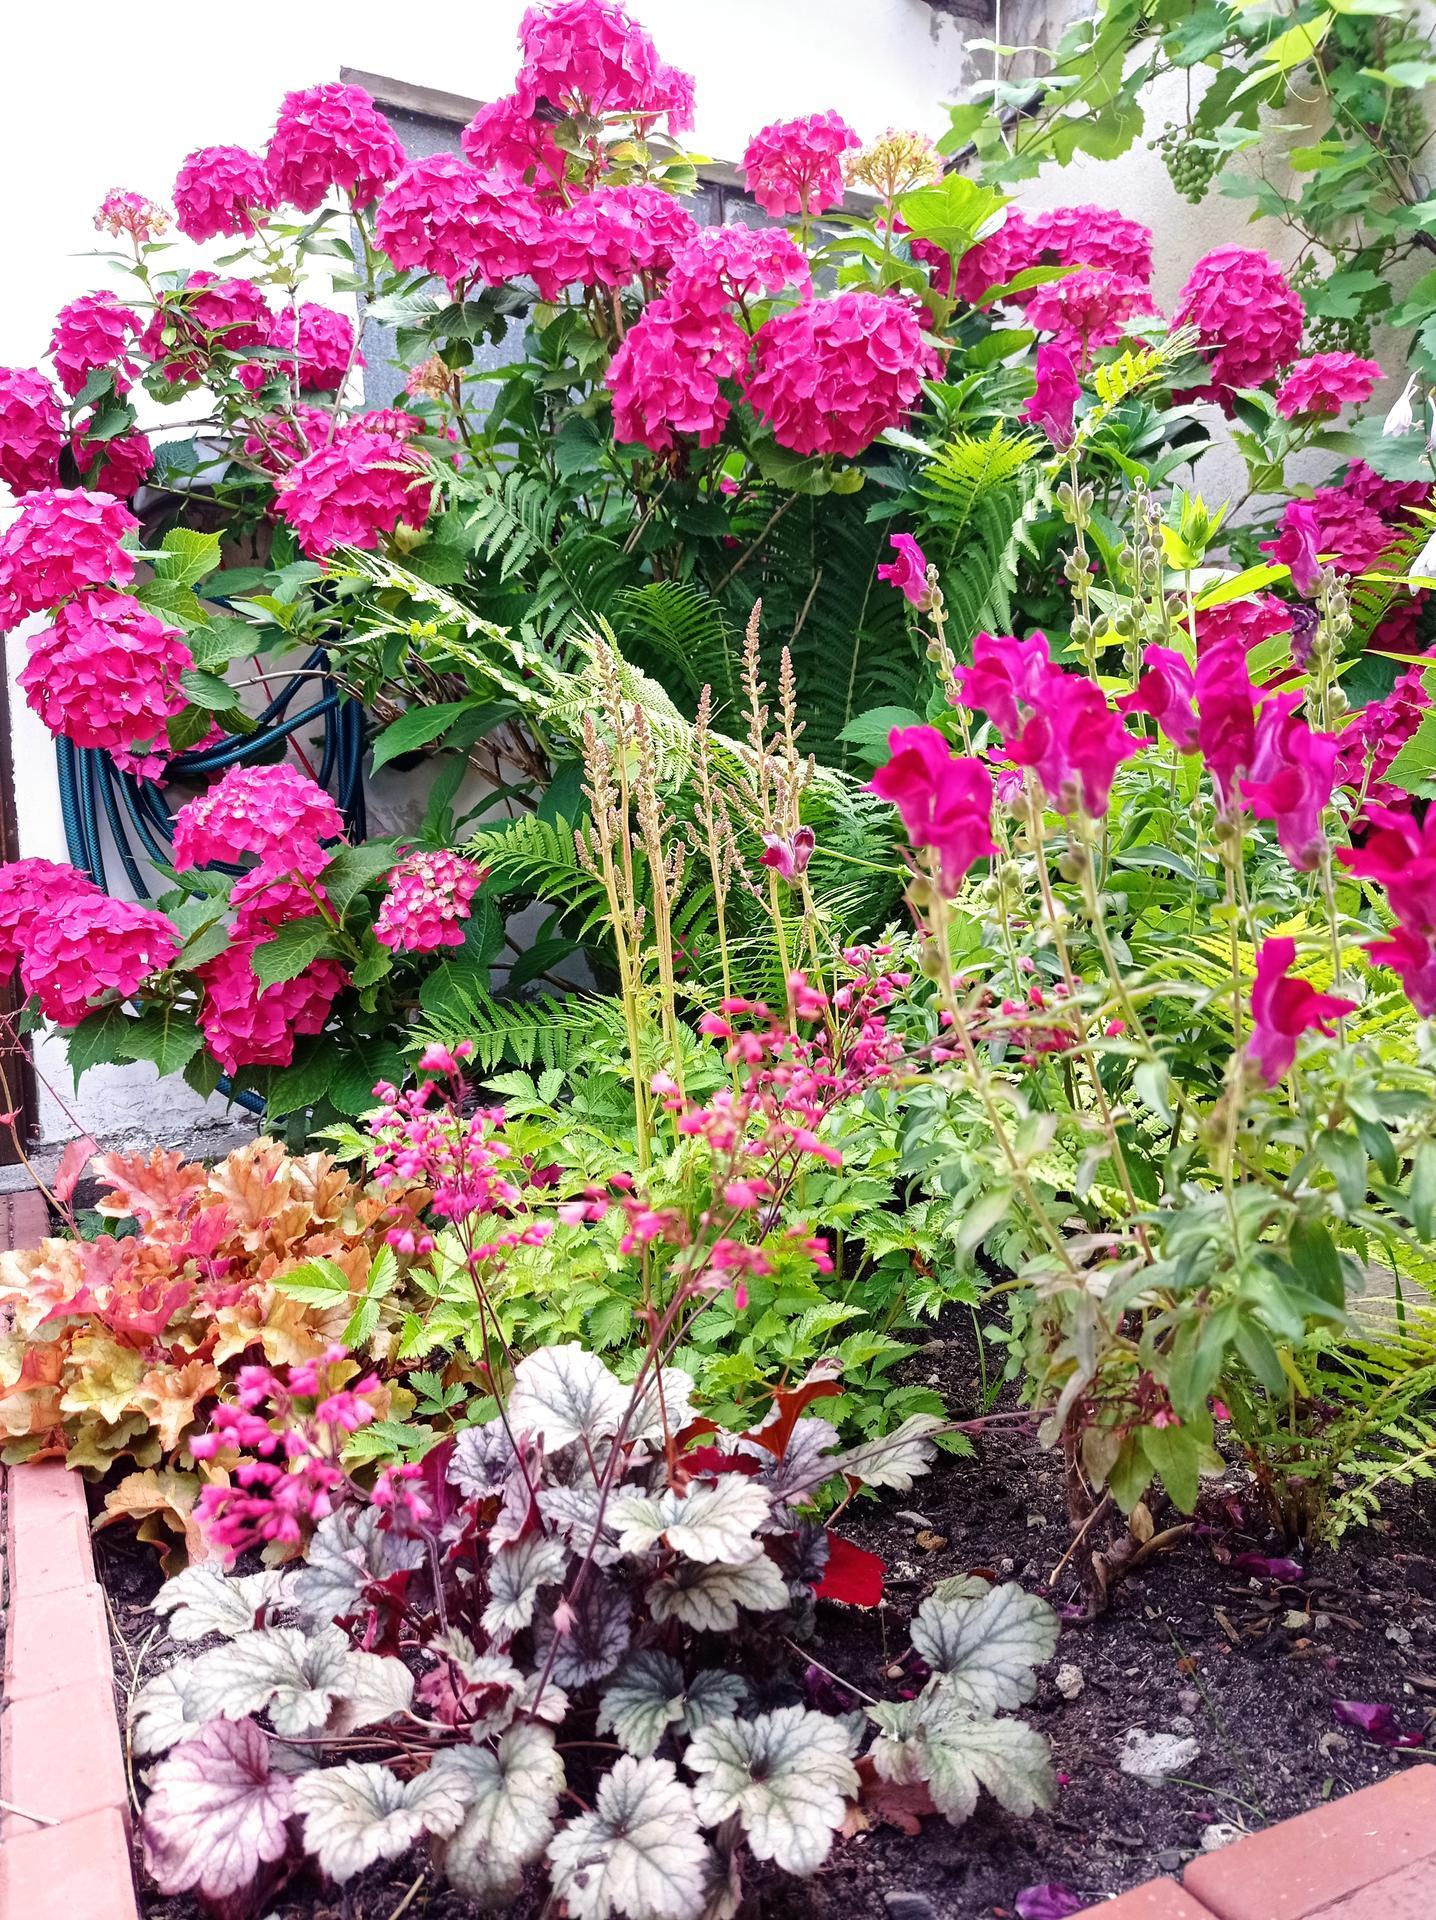 Stinný kout letos krásně kvete - Obrázek č. 1